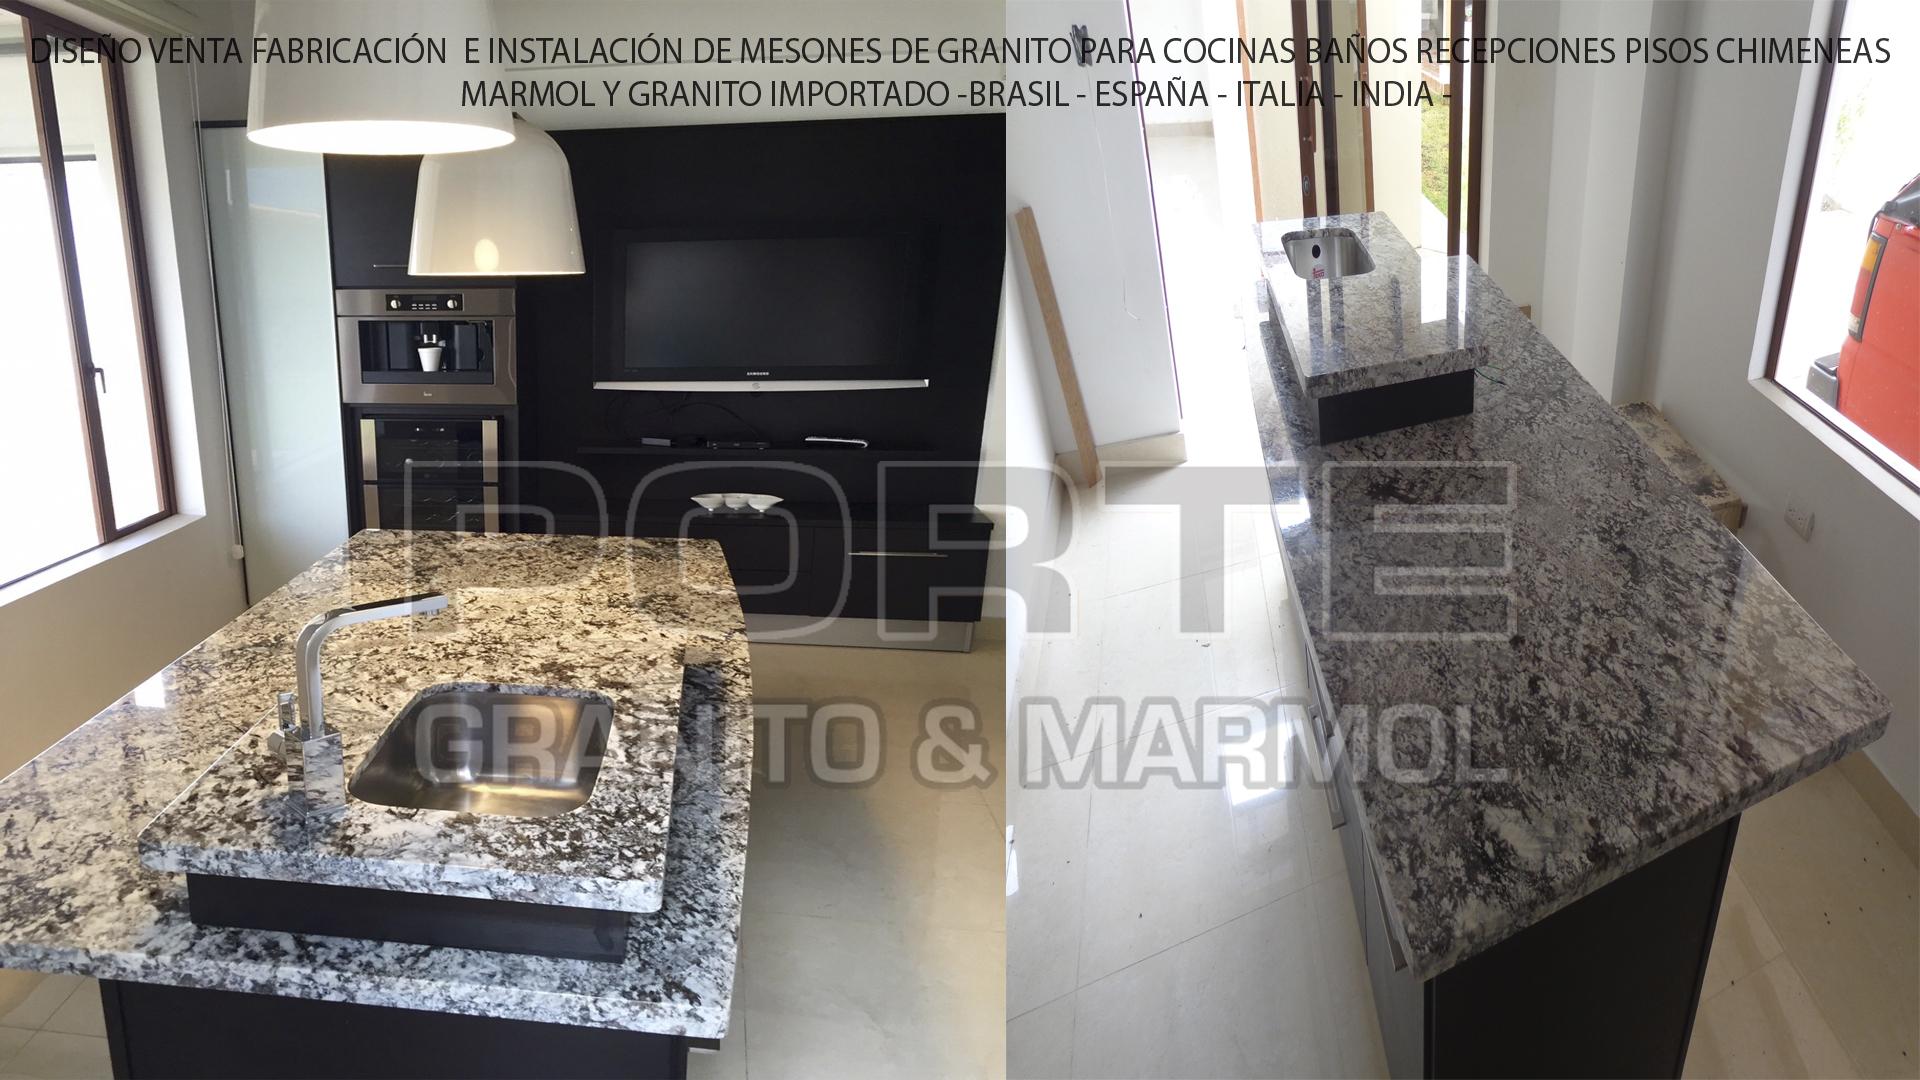 Fabricacion de mesones de marmol y granito - Granito y marmol ...